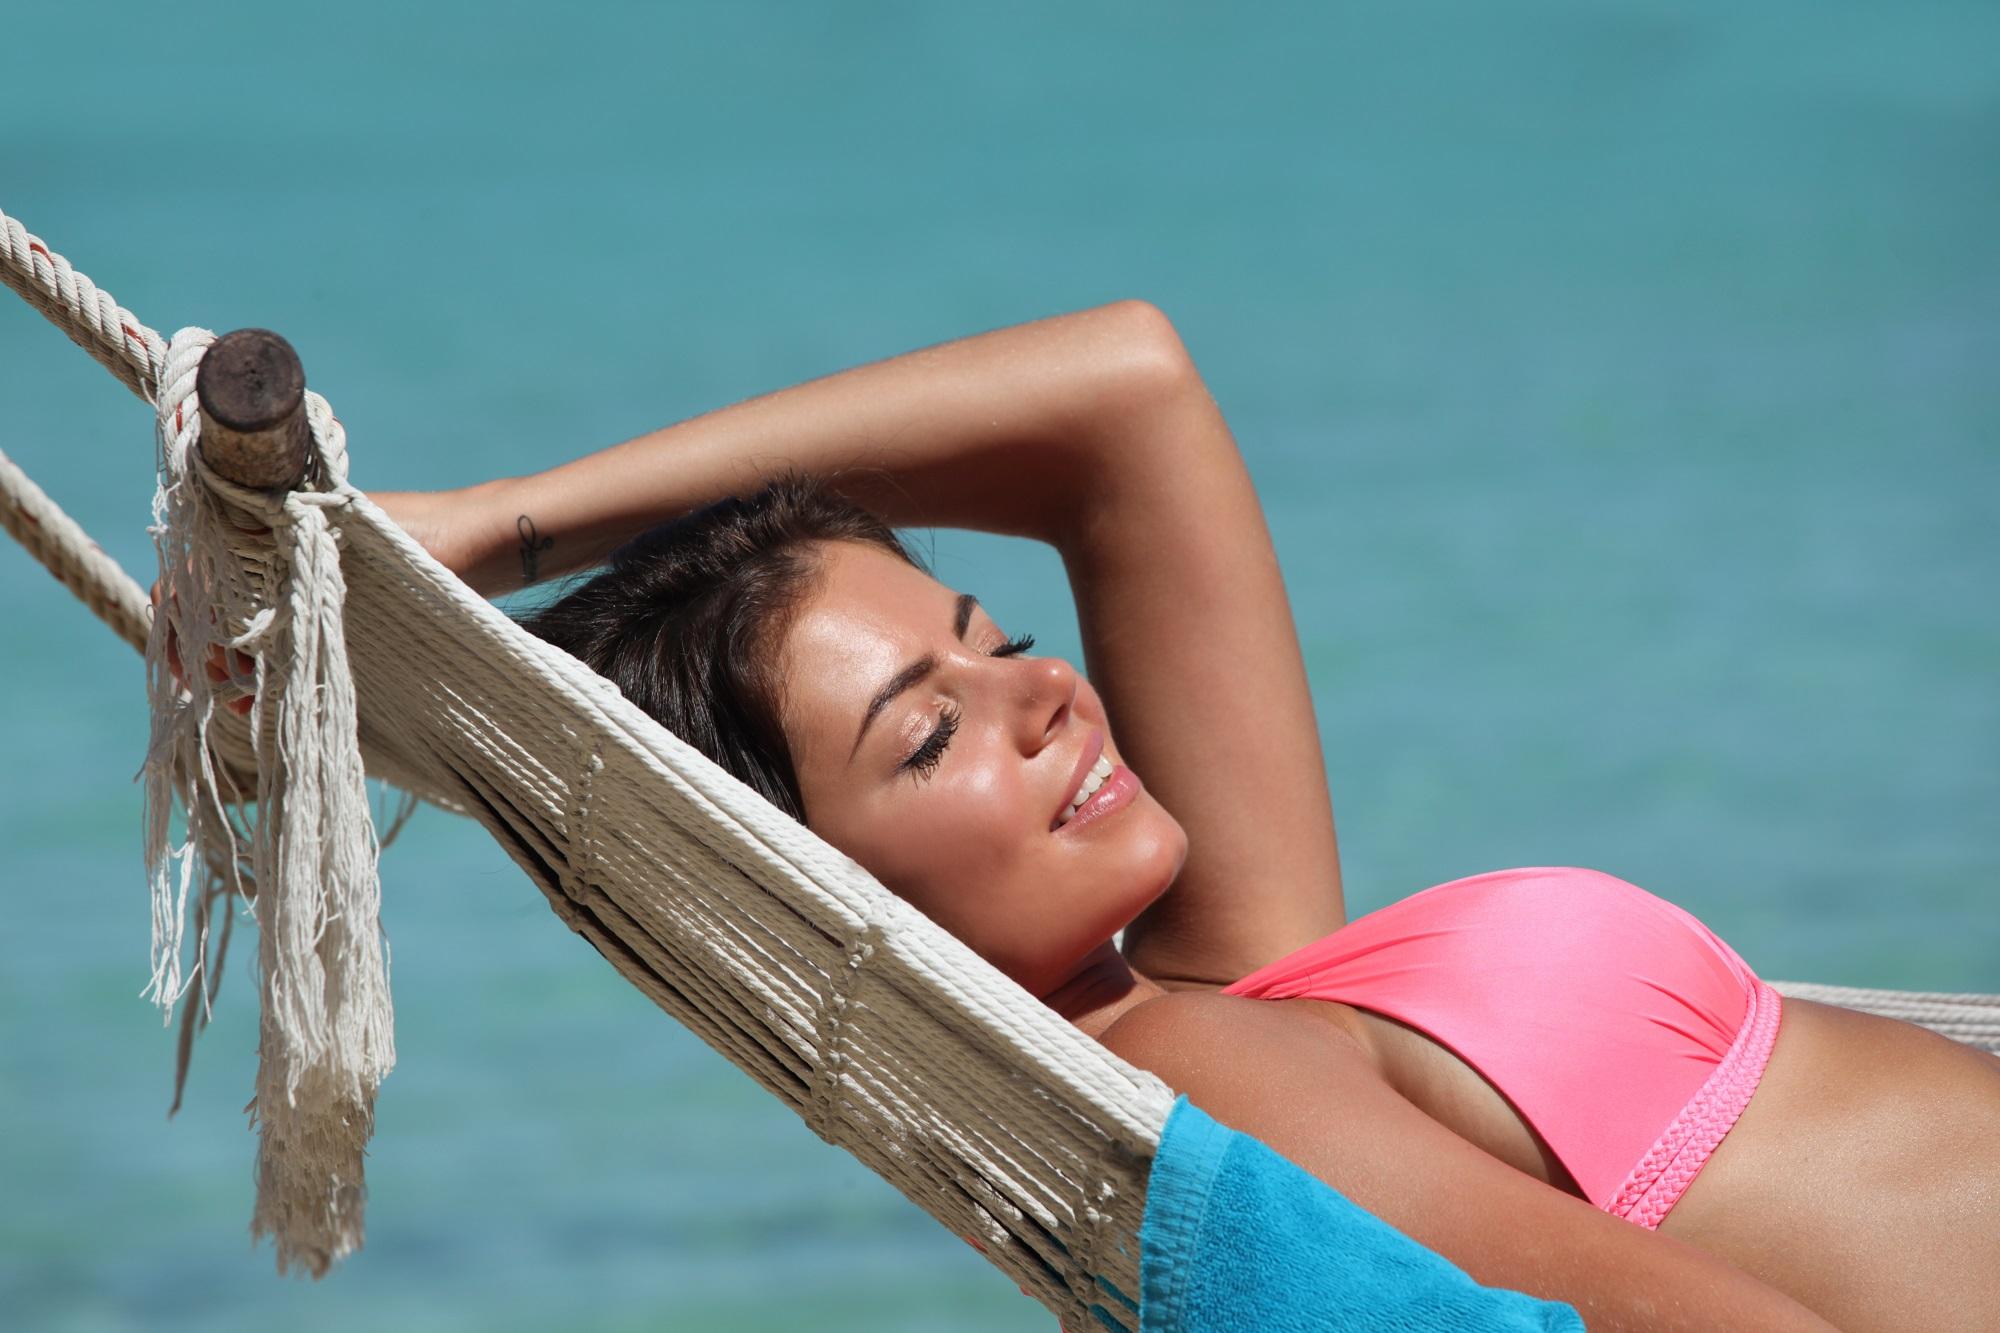 Отпуск. Куда поехать? Источник фото: Shutterstock